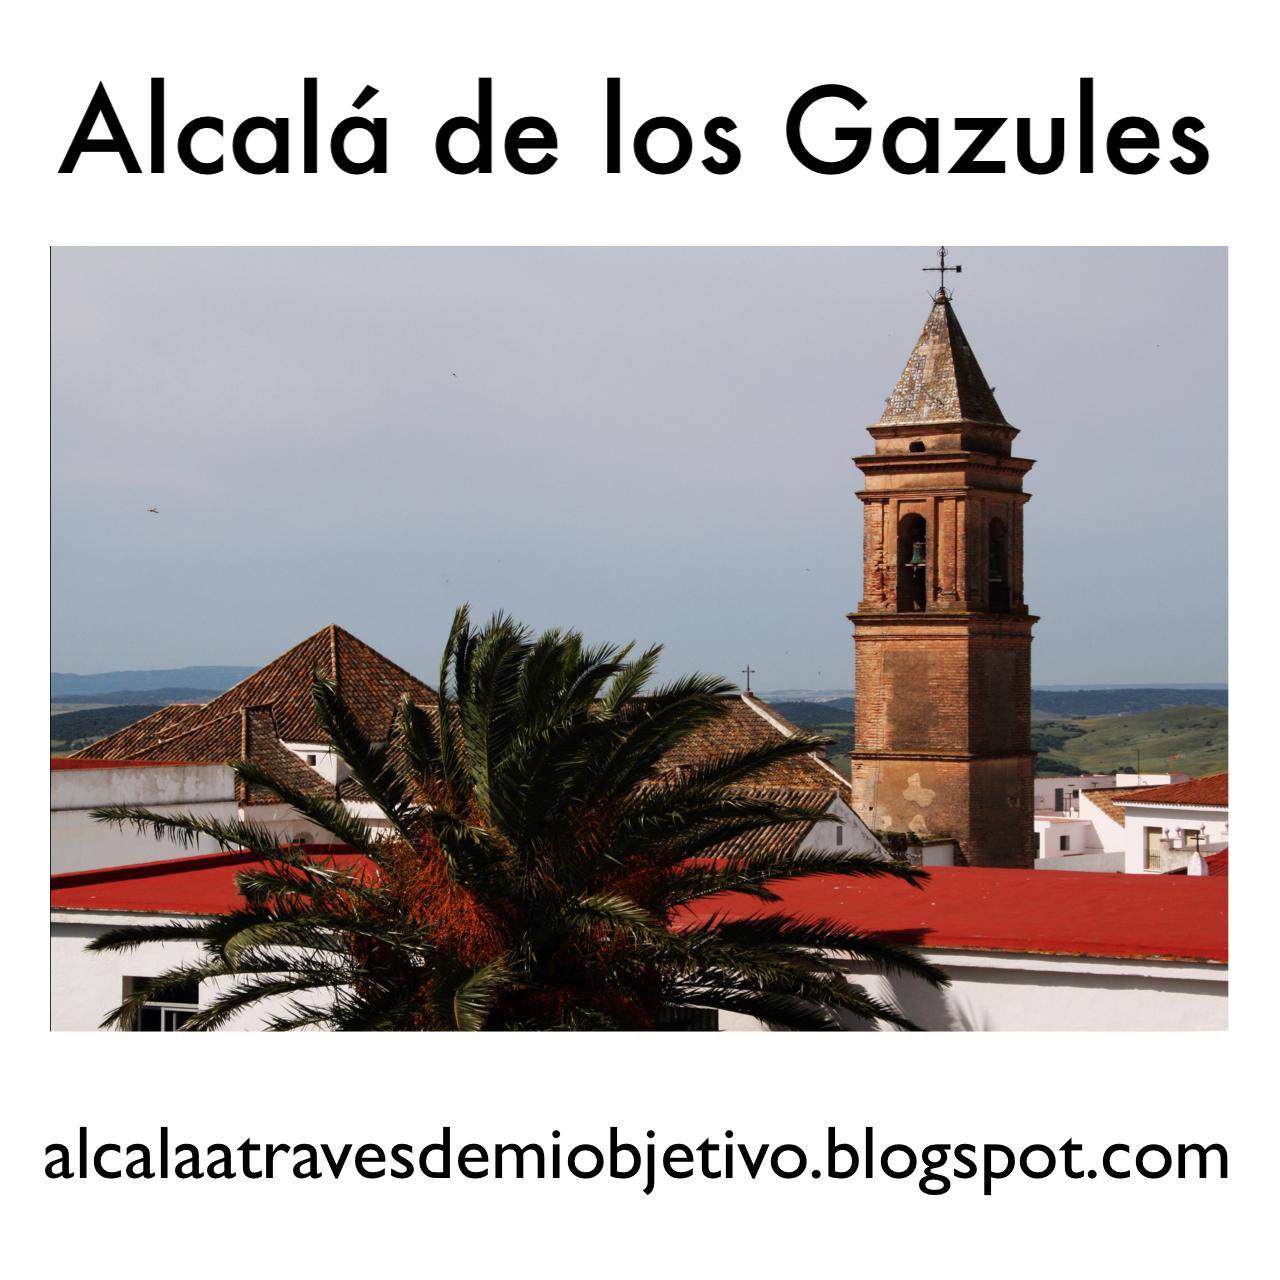 Este es mi pueblo, Alcalá de los Gazules...